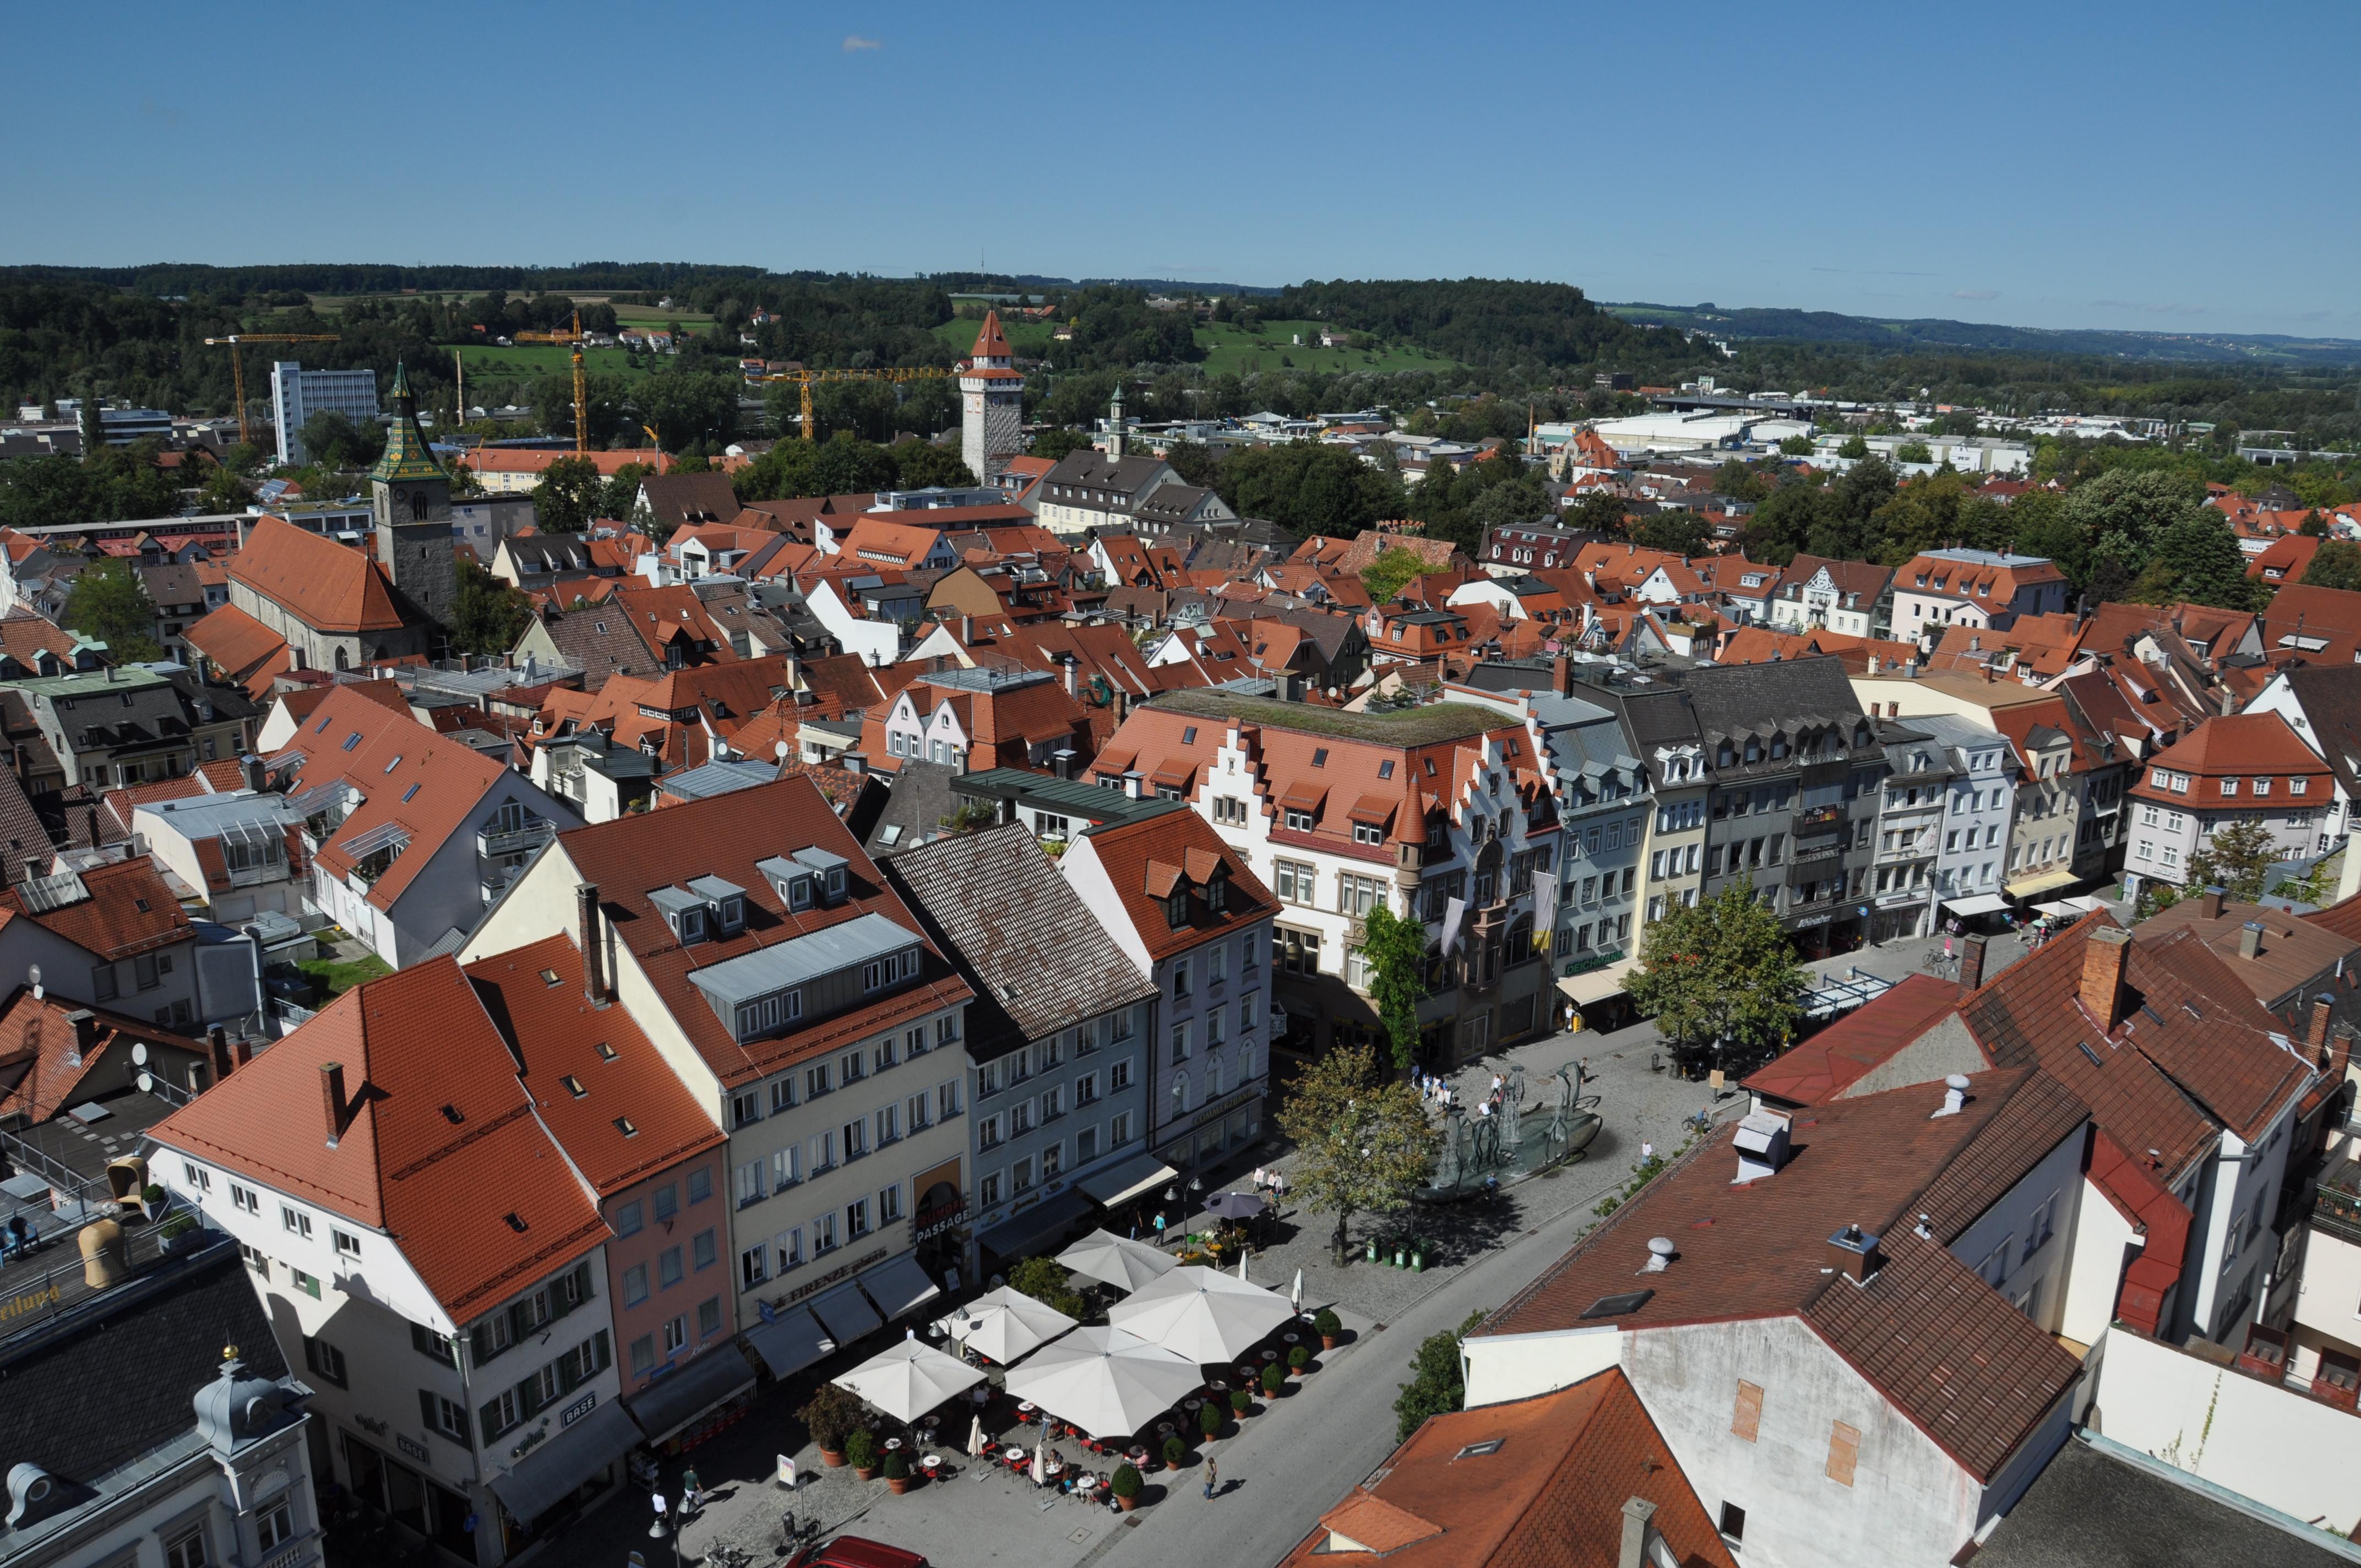 Una de les places principals de la població de Ravensburg